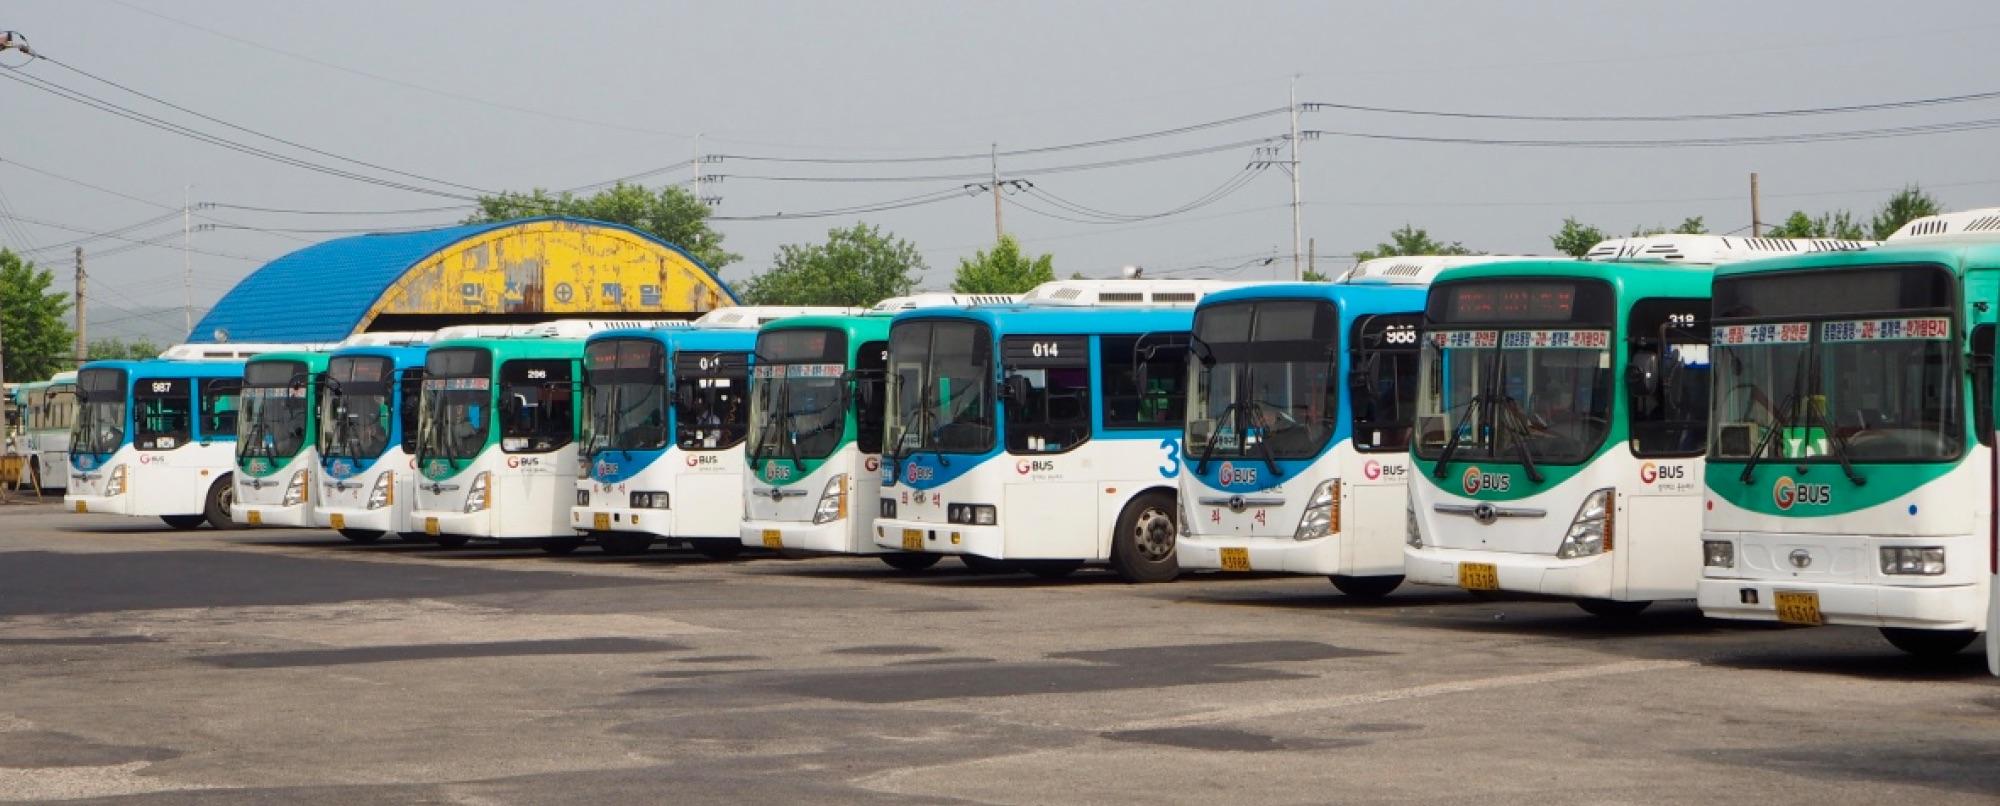 【いざ、東京へ!】成田貸切バス遠足 Presented By Teppei 101 に参加します